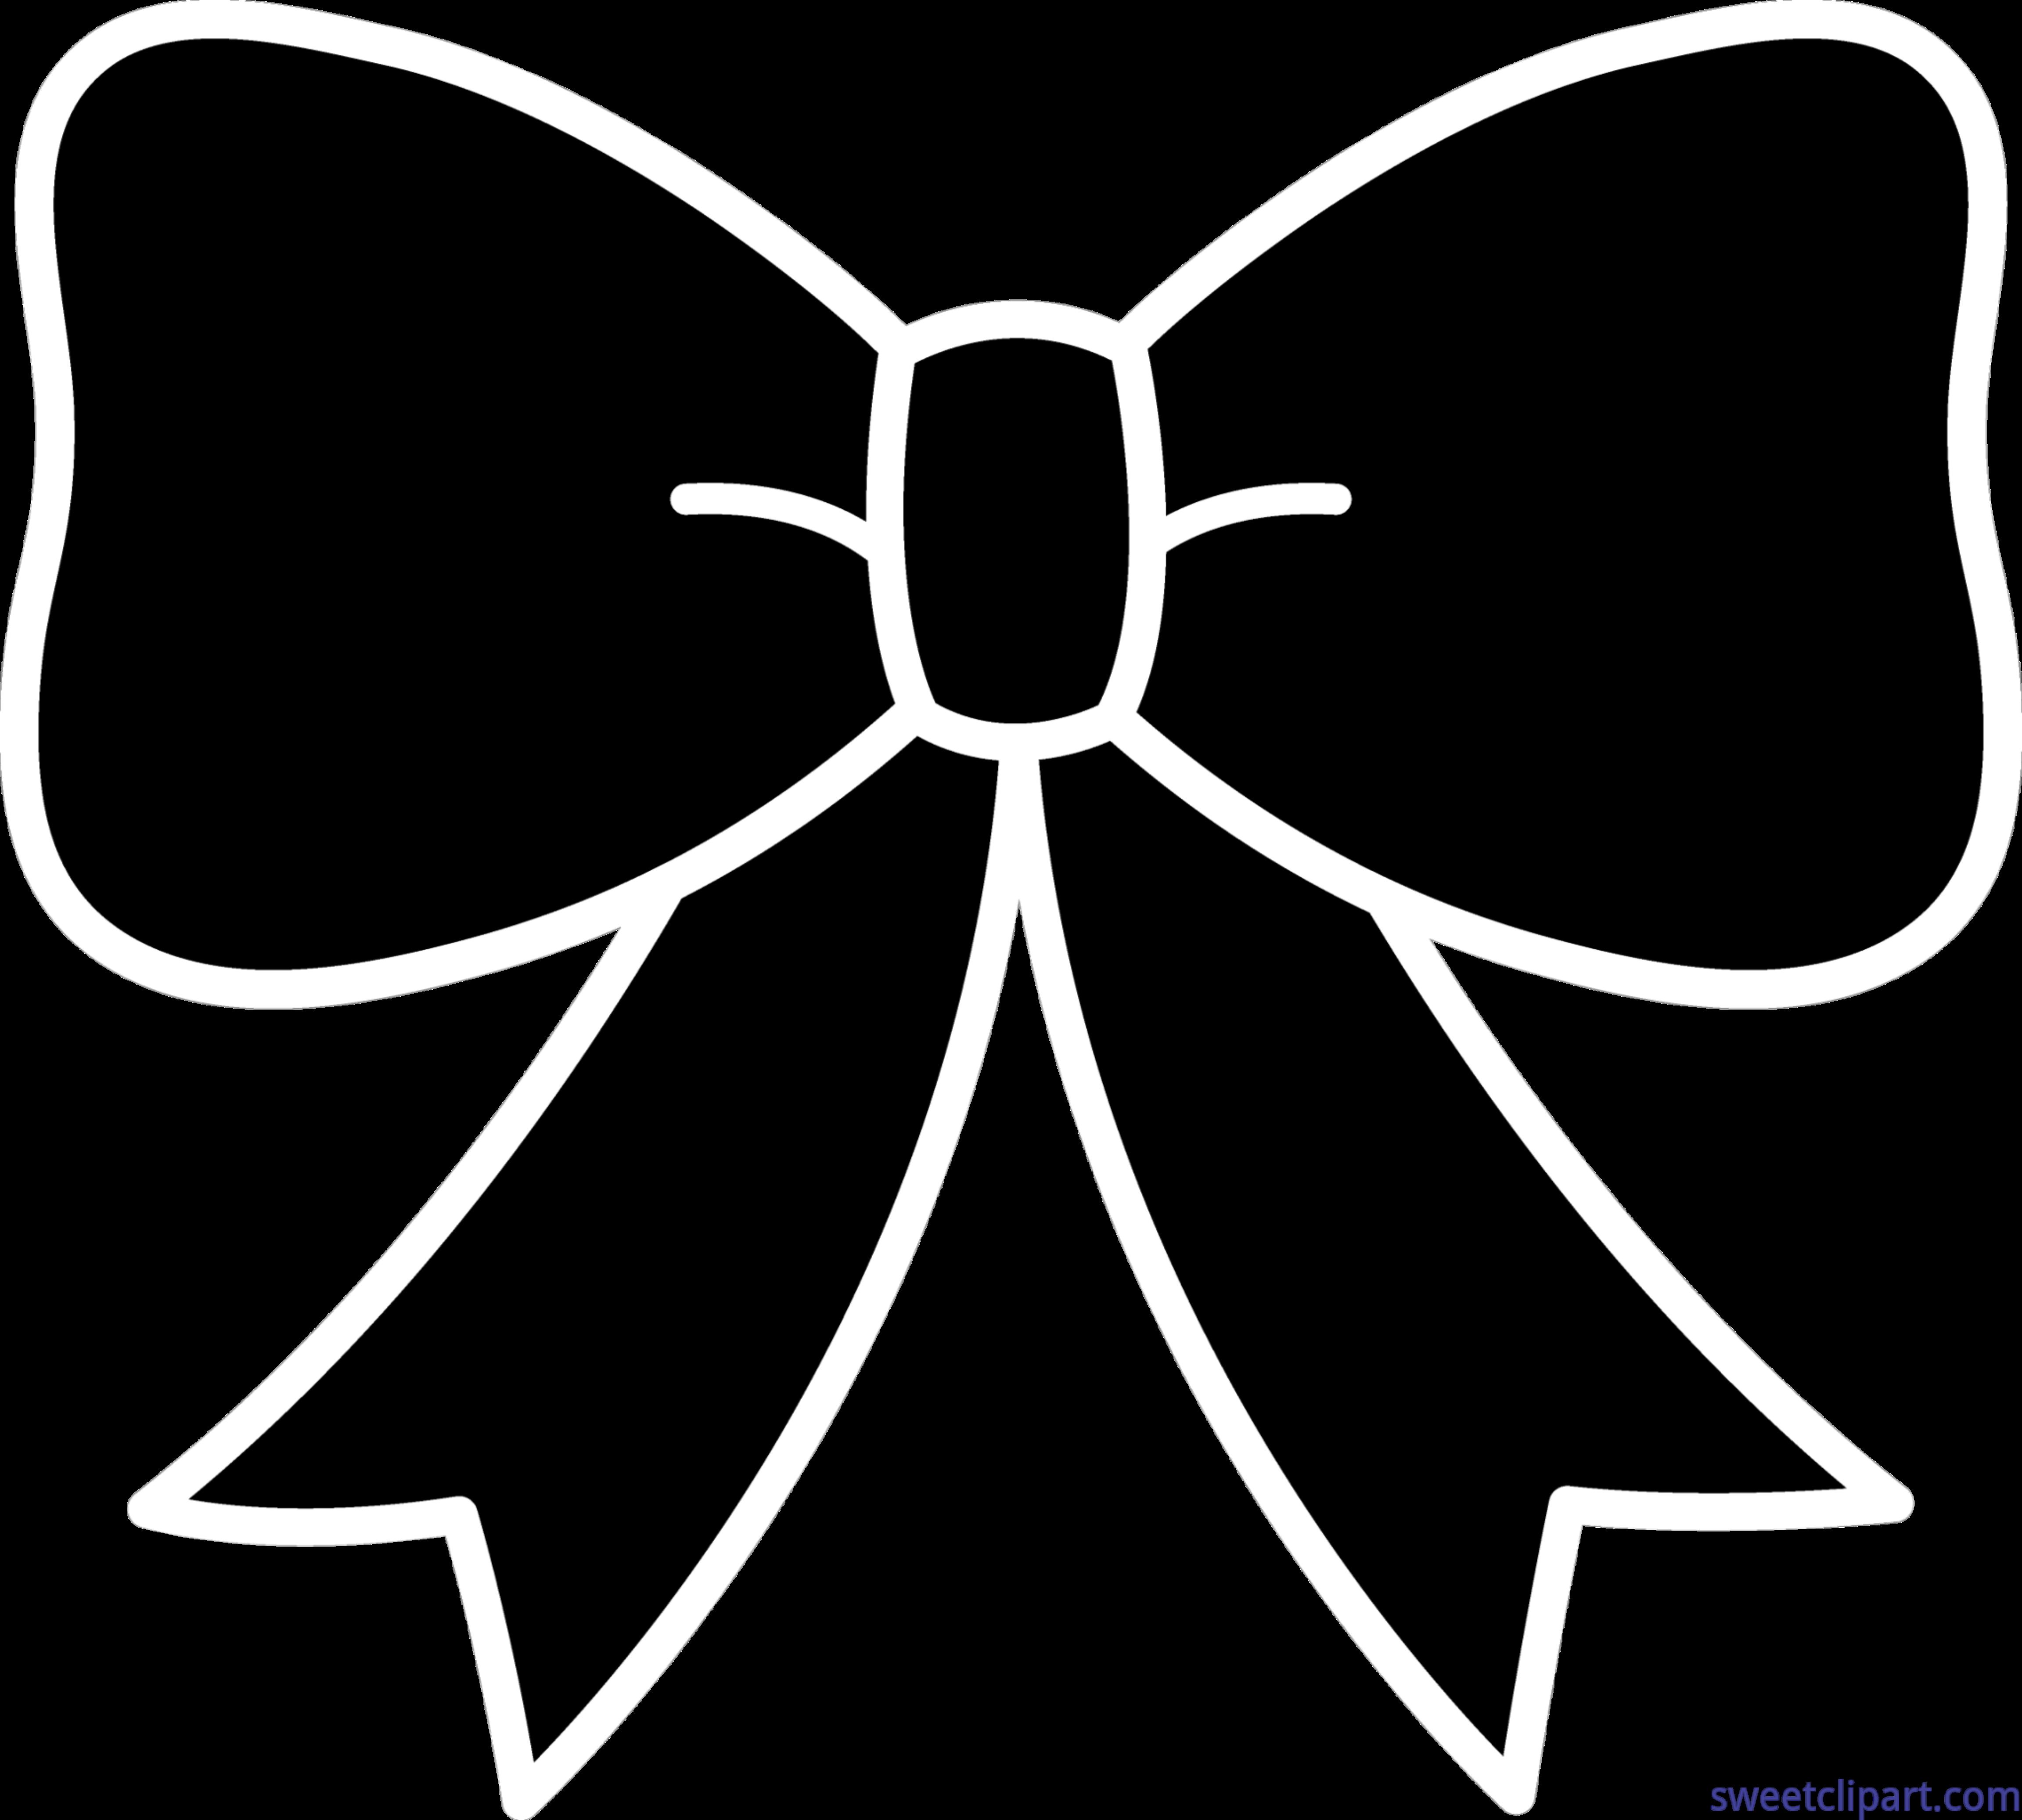 Clipart anchor ribbon. Bow silhouette clip art